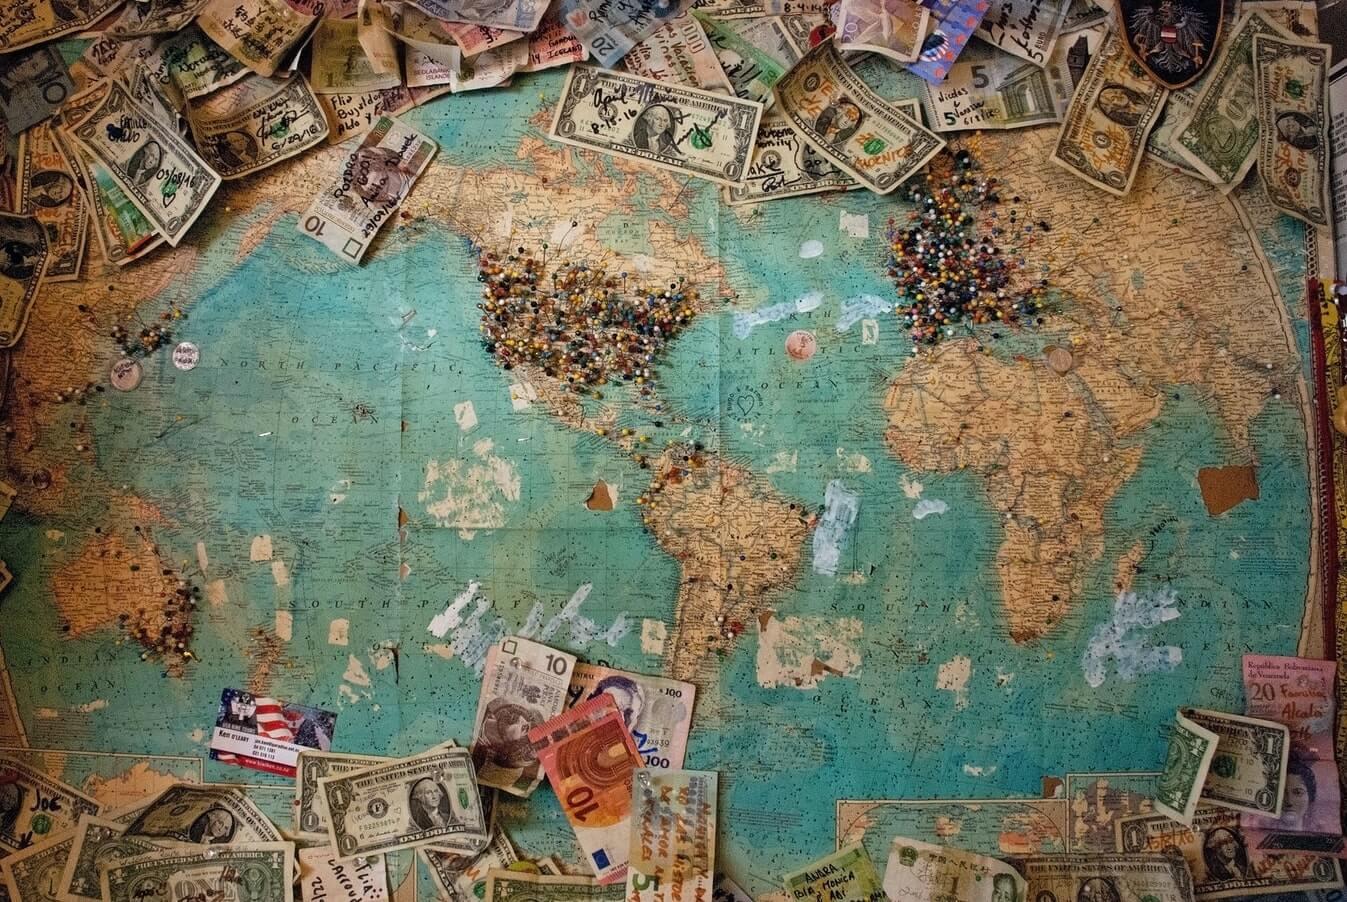 Un sacco di soldi, monete e banconote in cima a una mappa del mondo